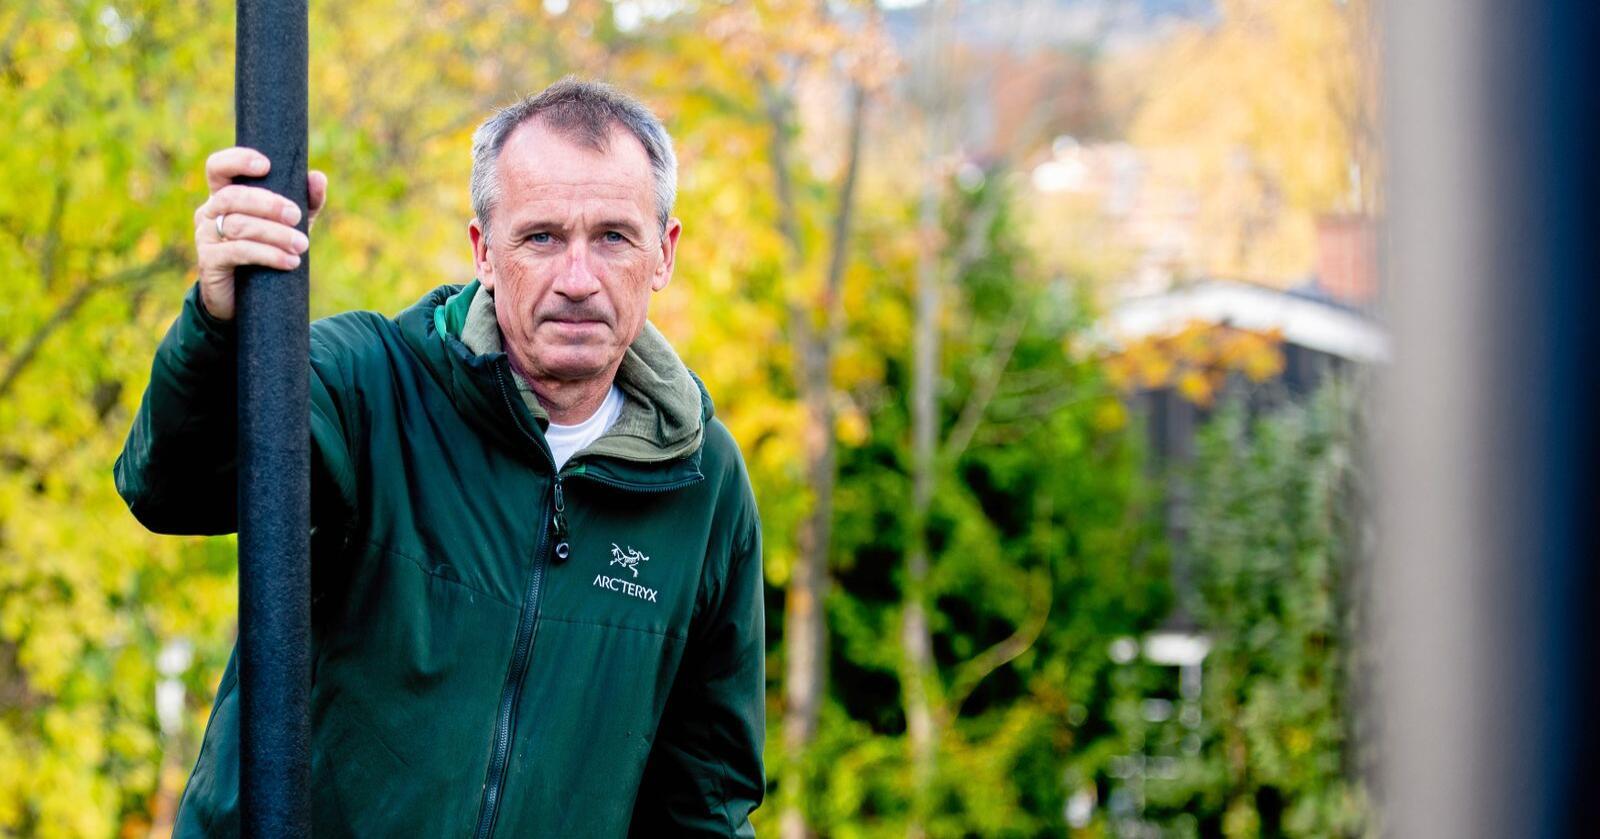 Retningsskifte: Anders Nordstad (56), som er siviløkonom med lang fartstid innan handel med korn og soya, er tilsett som ny generalsekretær i Norsk Bonde- og Småbrukarlag. Han tek til orde for at utviklinga i jordbruket på fleire felt er på feil kurs, noko han håper å bidra til ei endring på. Foto: Vidar Sandnes